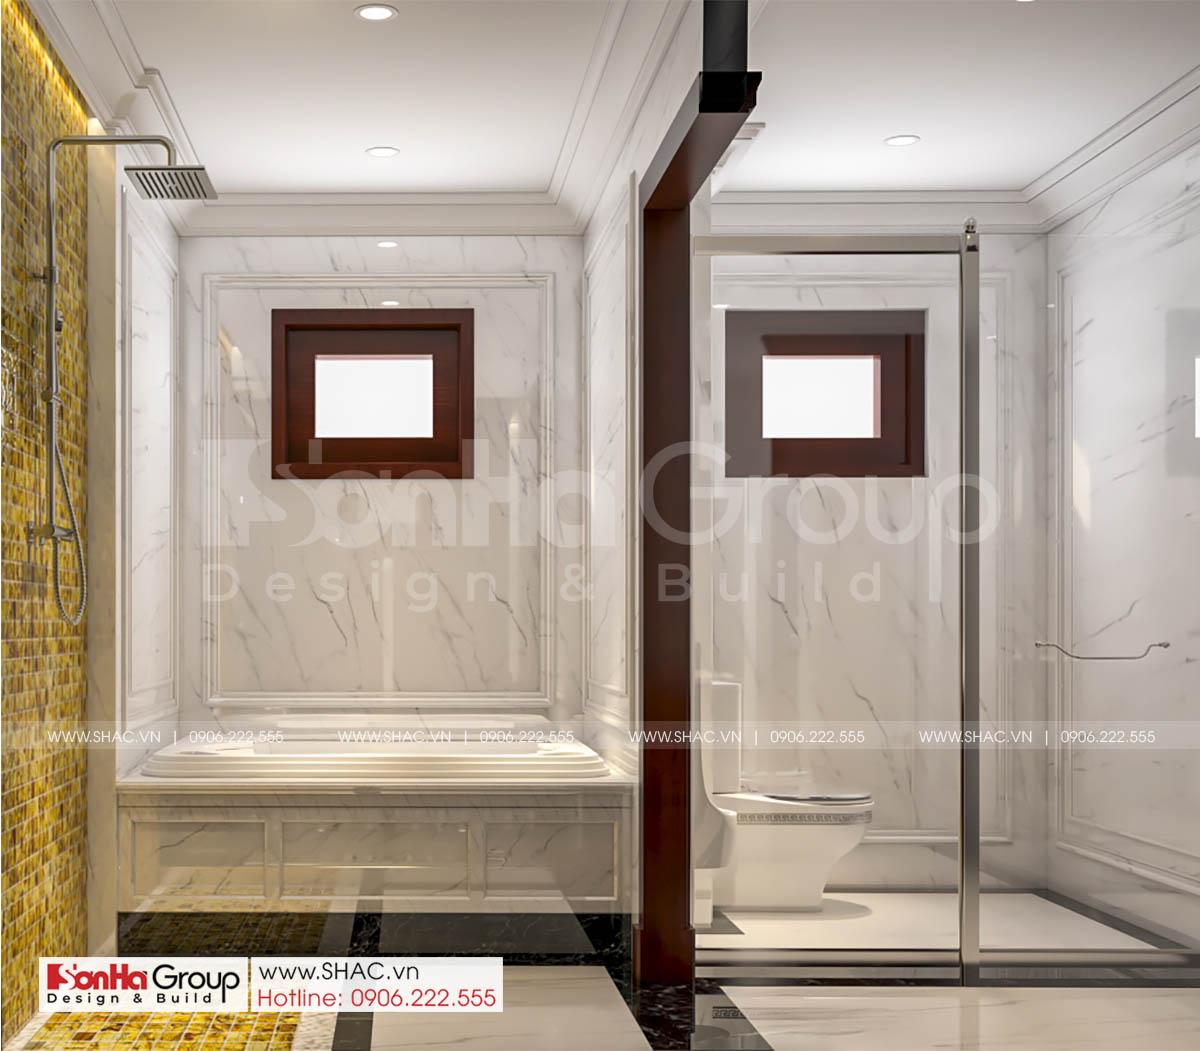 Phòng xông tiện dụng trong thiết kế biệt thự tân cổ điển đẹp tại Hải Phòng